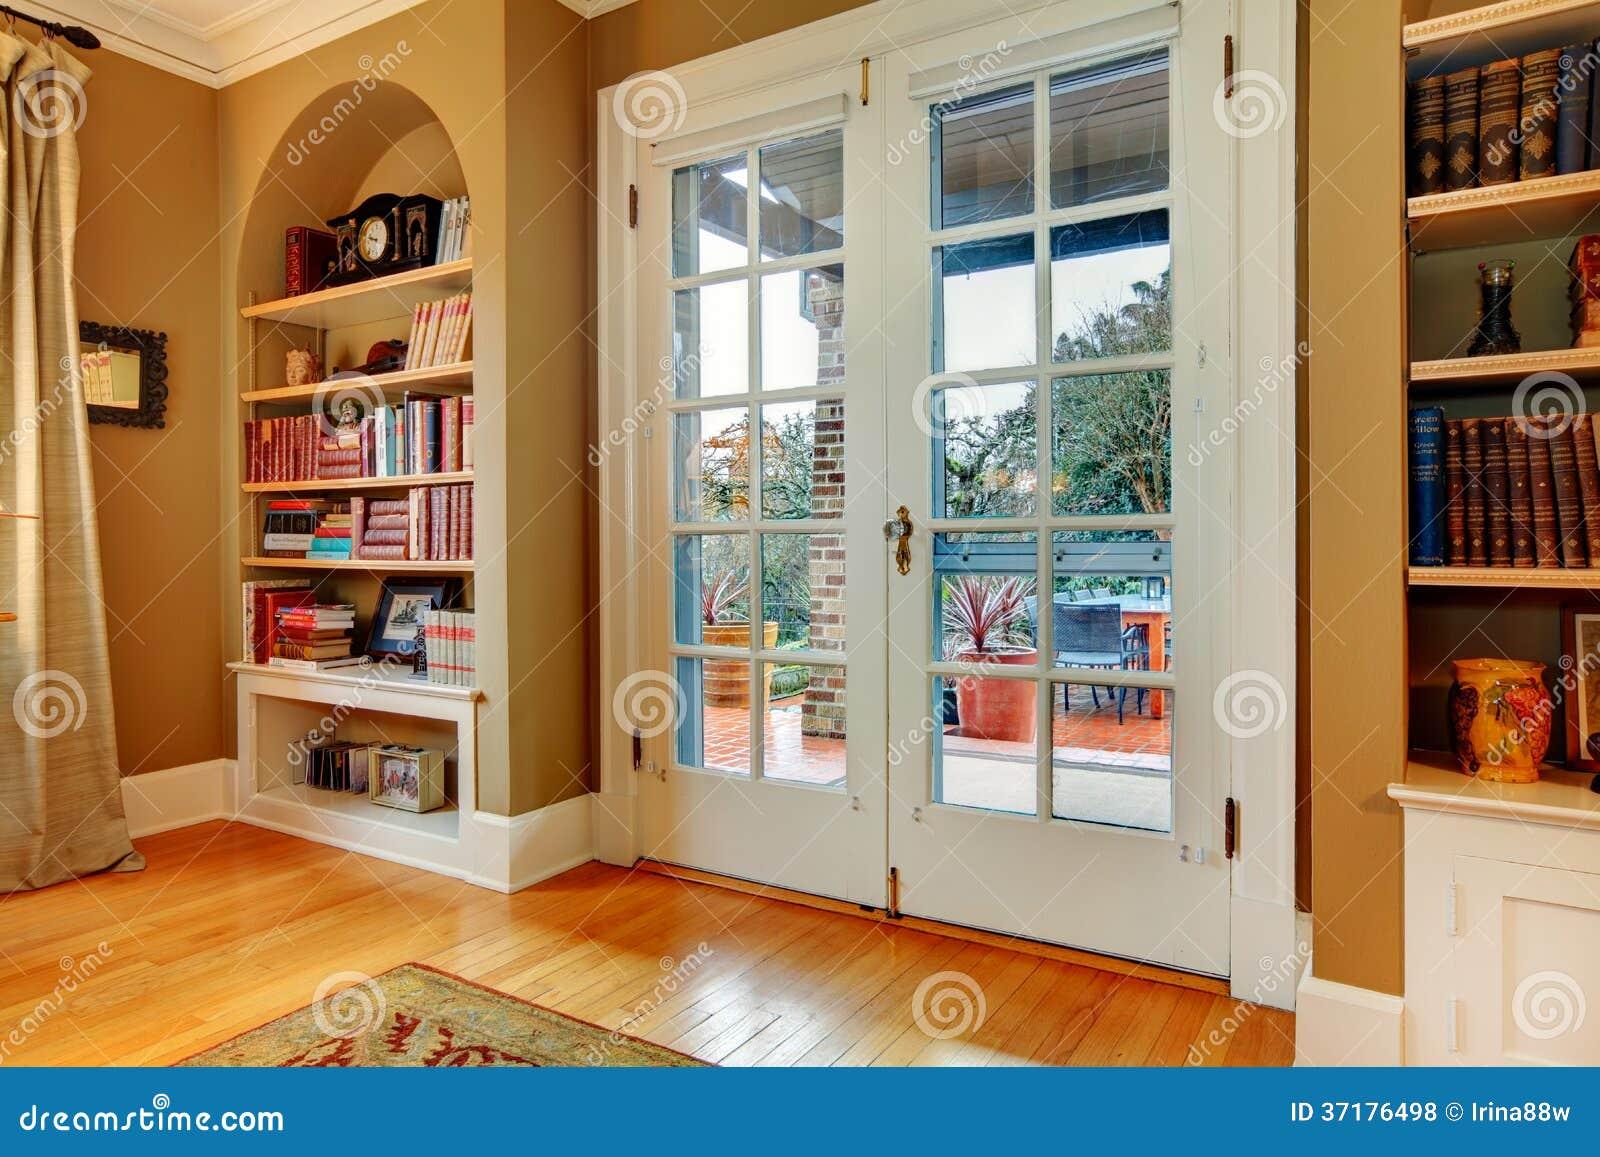 wohnzimmer glastüren: glastüren kommode oclahome in weiß landhaus